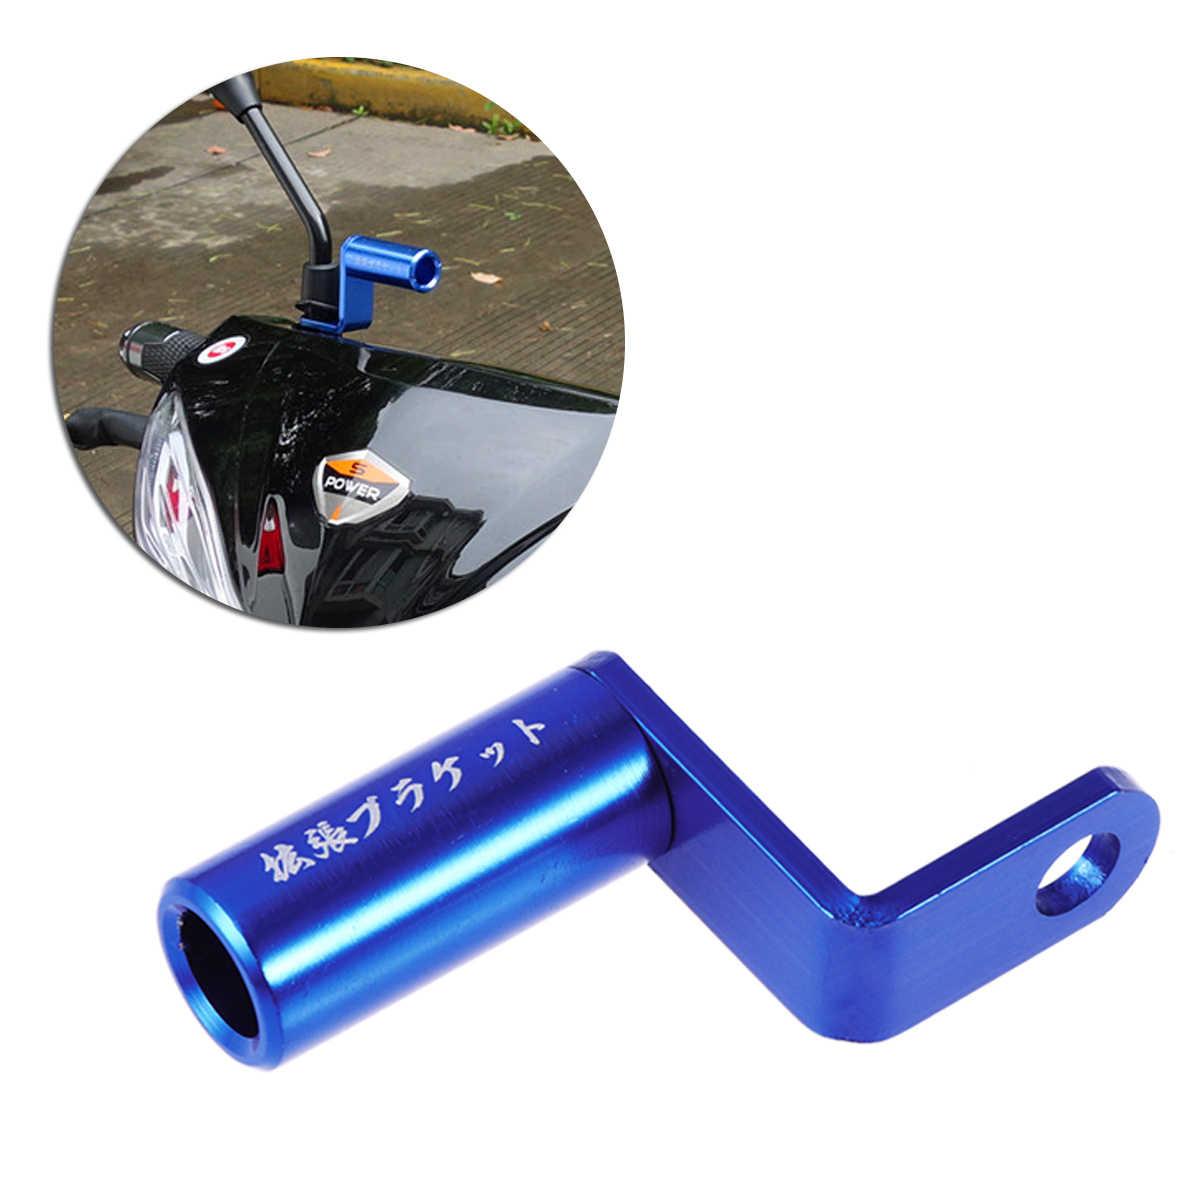 Soporte de extensi/ón para espejo retrovisor para motocicleta Keenso